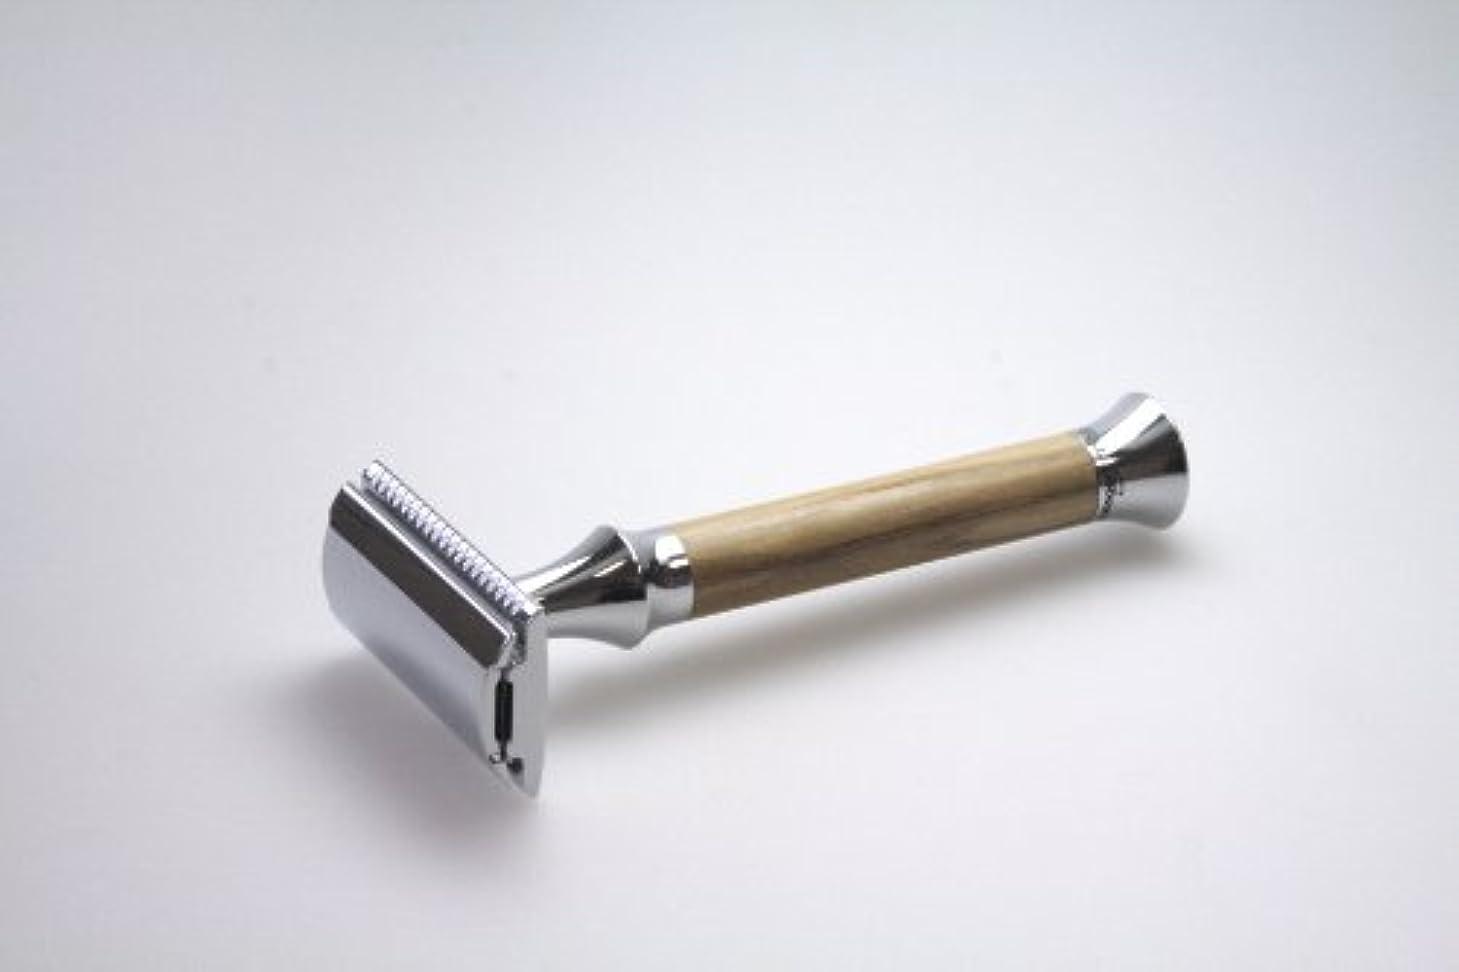 哀れな震える裏切るG&F - Vintage Edition Safety razor, olive wood, 10 razor blades